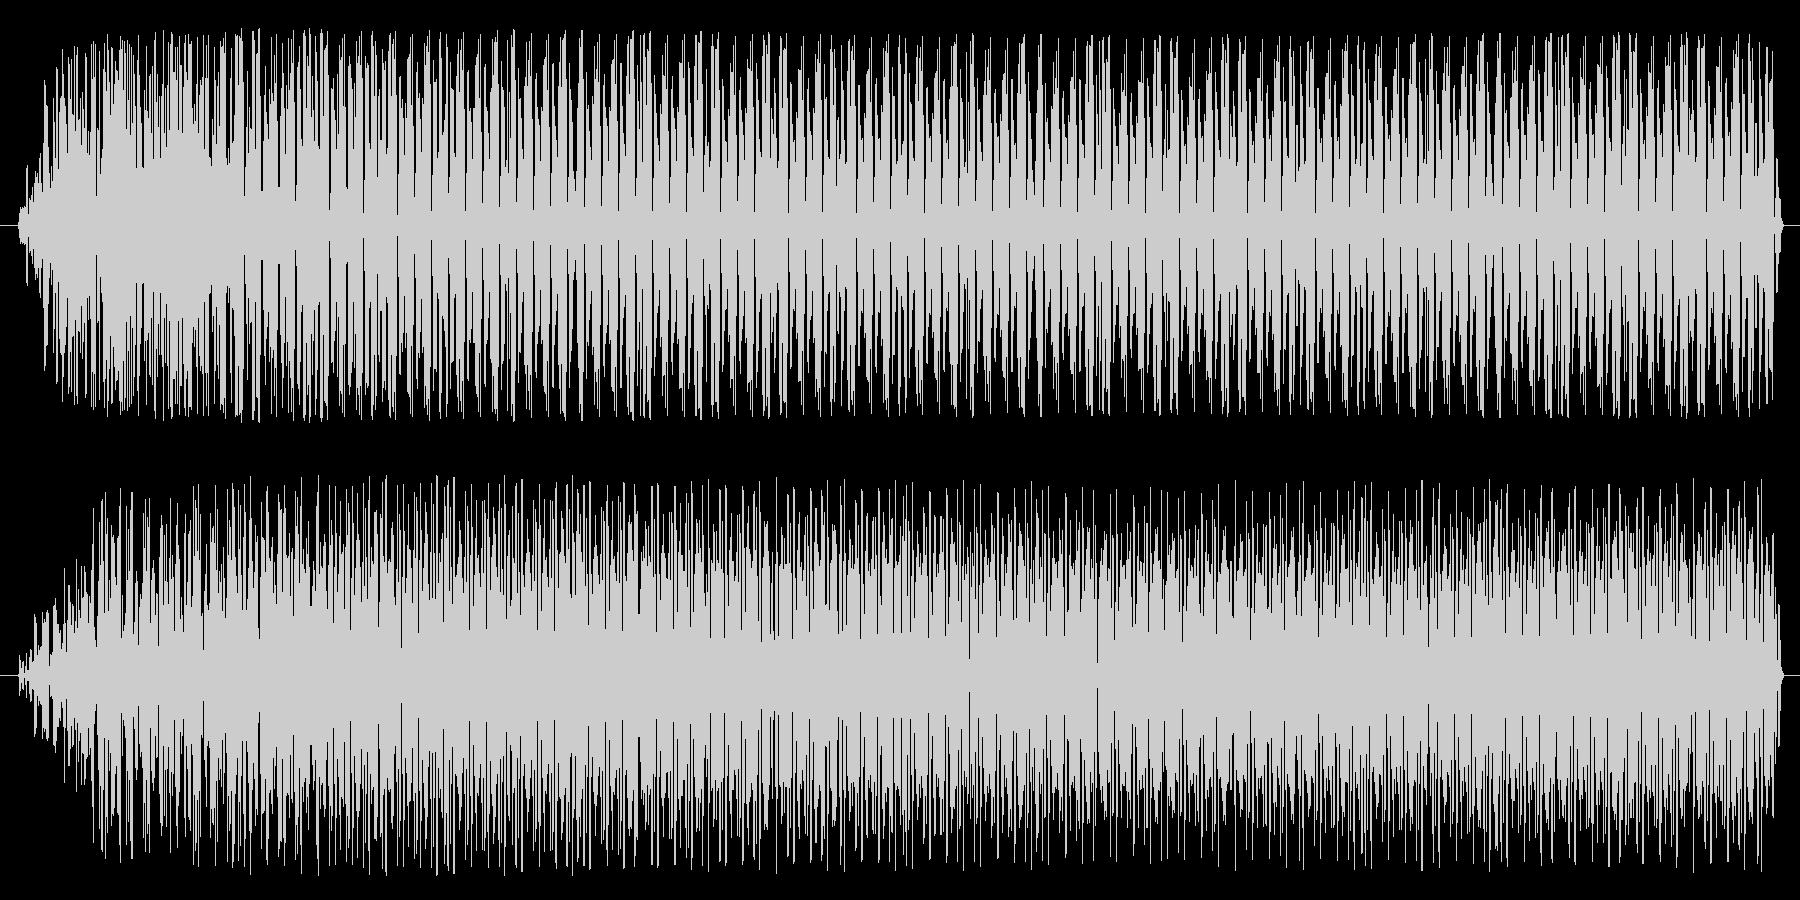 ブワ〜ダダダダ(エンジンが響く音)の未再生の波形